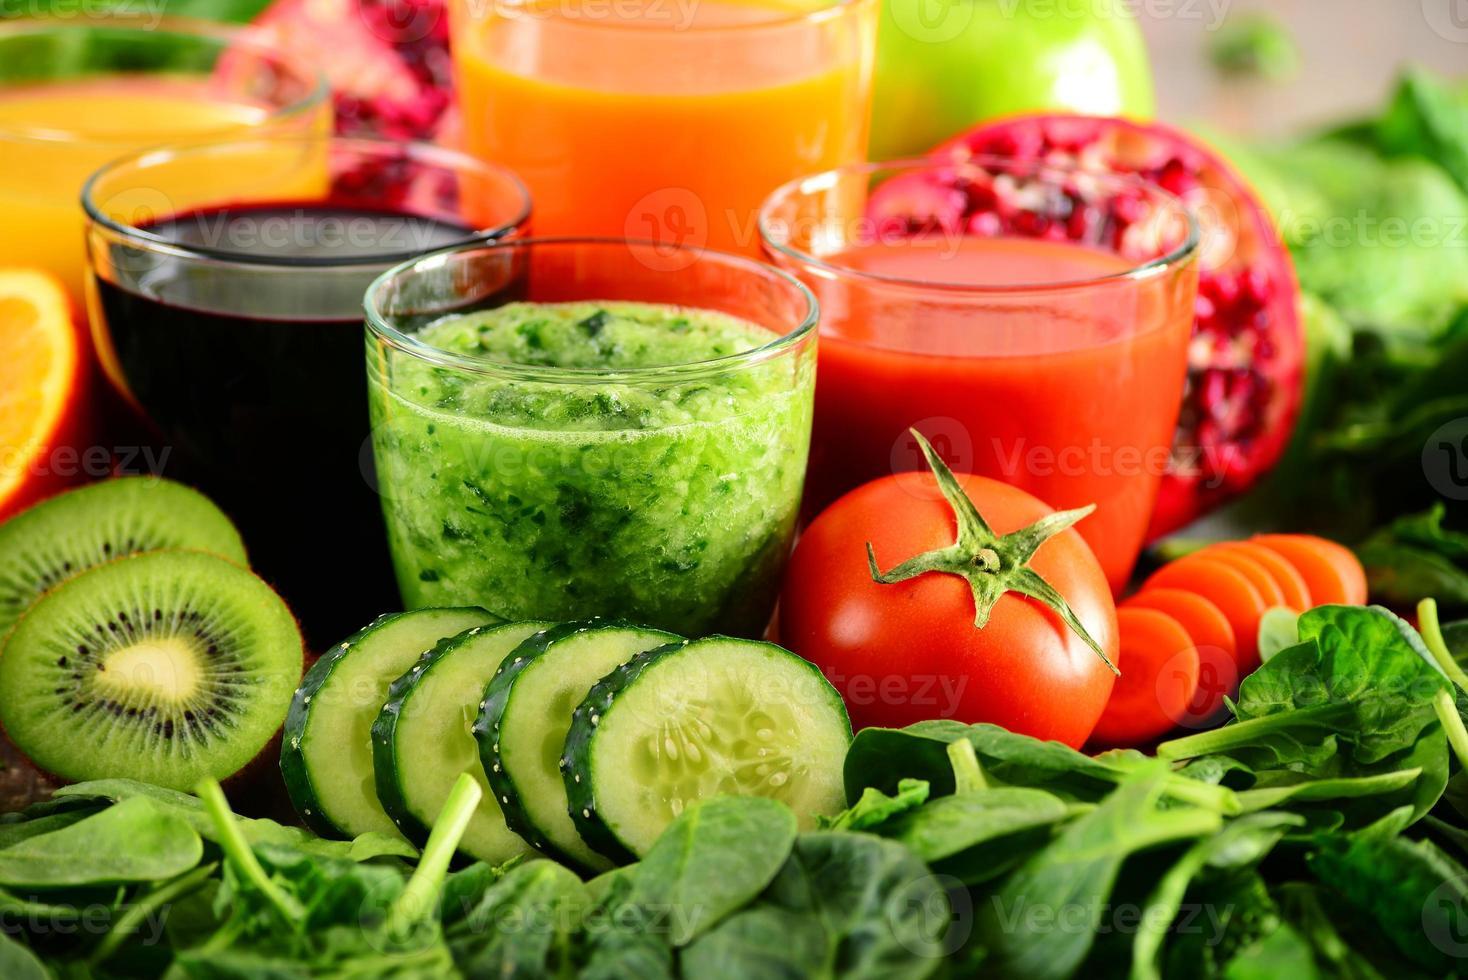 bicchieri con verdure fresche e succhi di frutta biologici foto